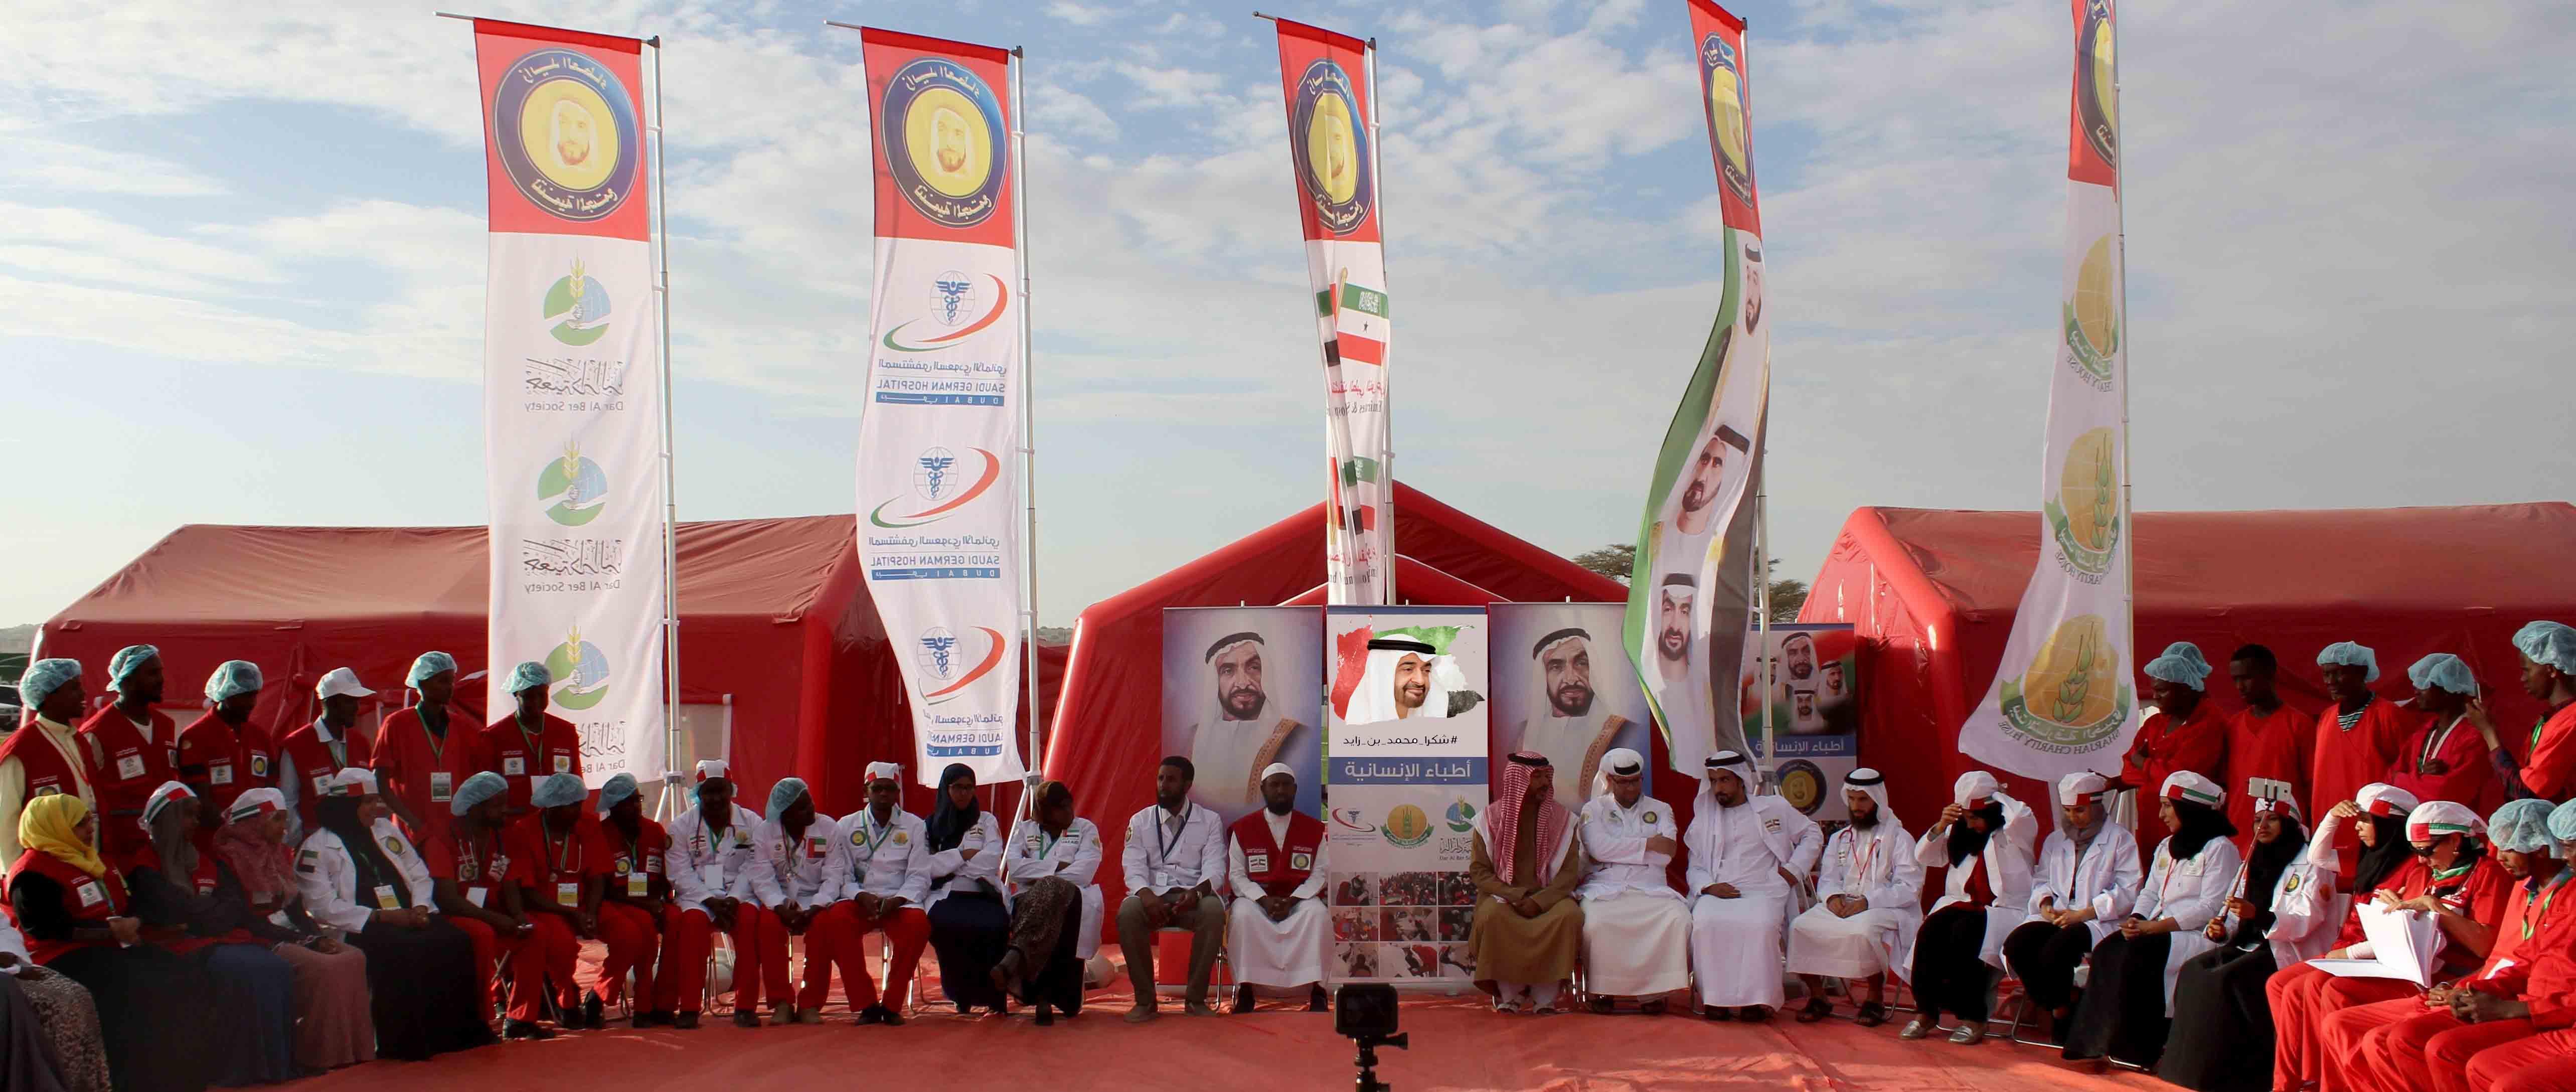 اطباء الامارات يطلقون حملة مليون ساعة عطاء محليا وعالميا 3